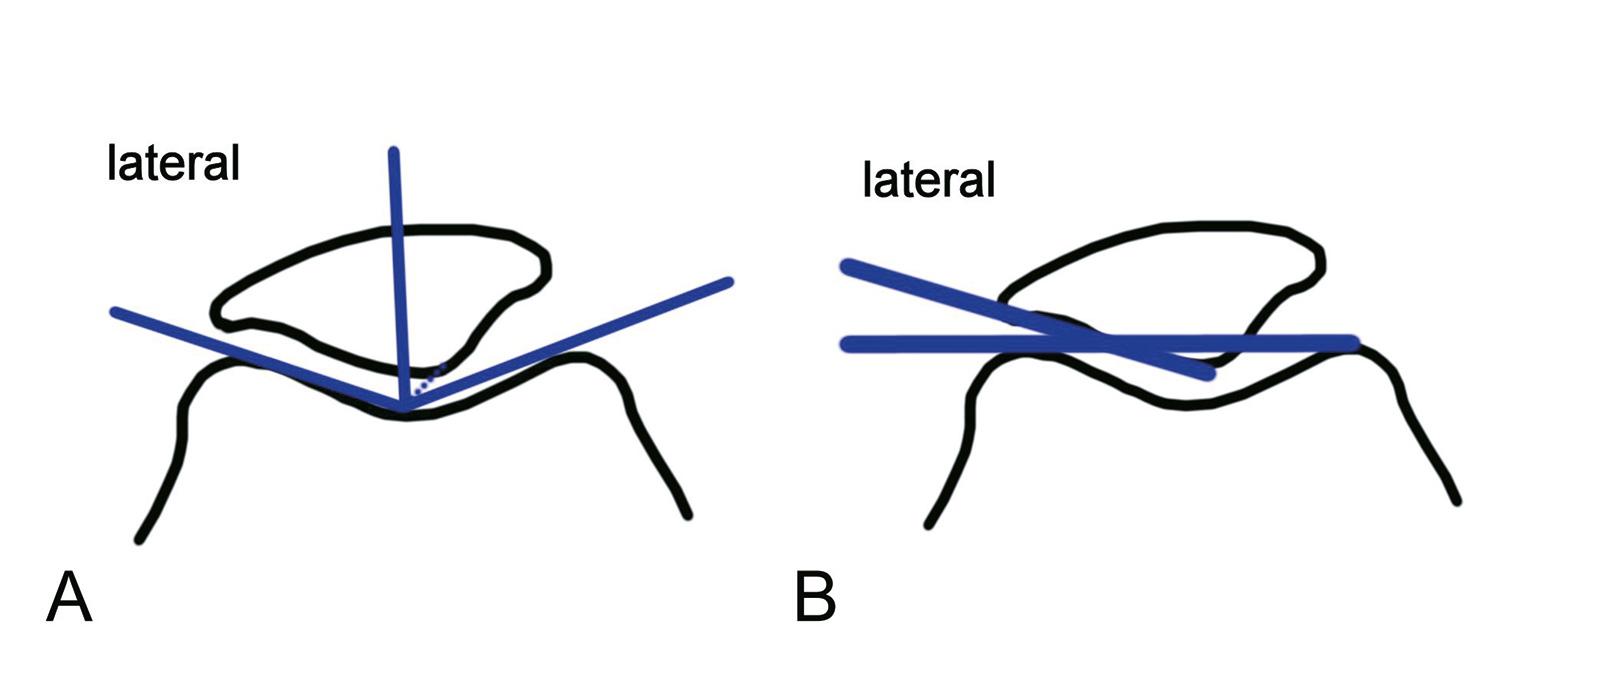 Abb. 2-66: Verbindung zwischen Patellafirst und tiefster Stelle des Sulcus intercondylaris liegt medial der Winkelhalbierenden des Sulcuswinkels (A), Laurin-Winkel (B): Winkel einer Tangente an die laterale Facette der Patella und Verbindungslinie zwische